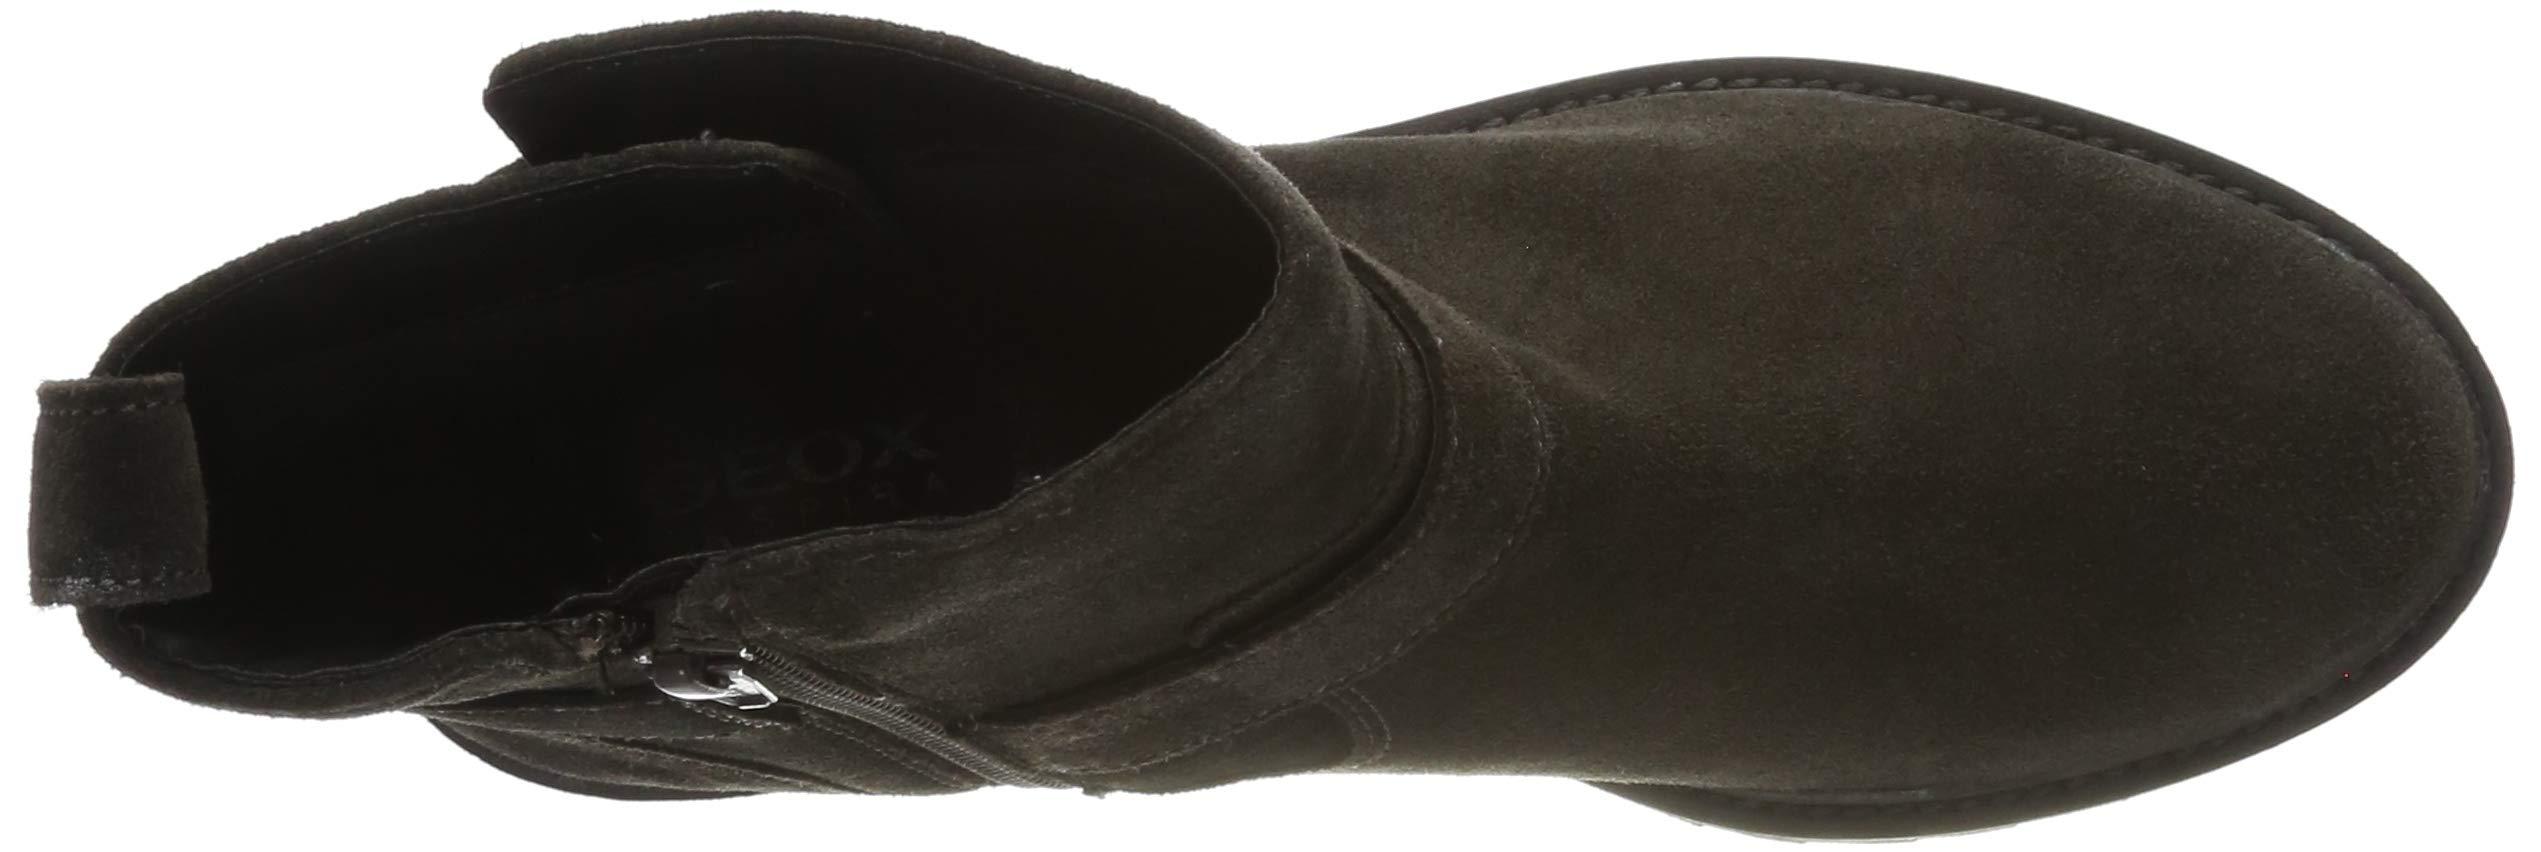 Geox Damen D Hoara G Biker Boots 7